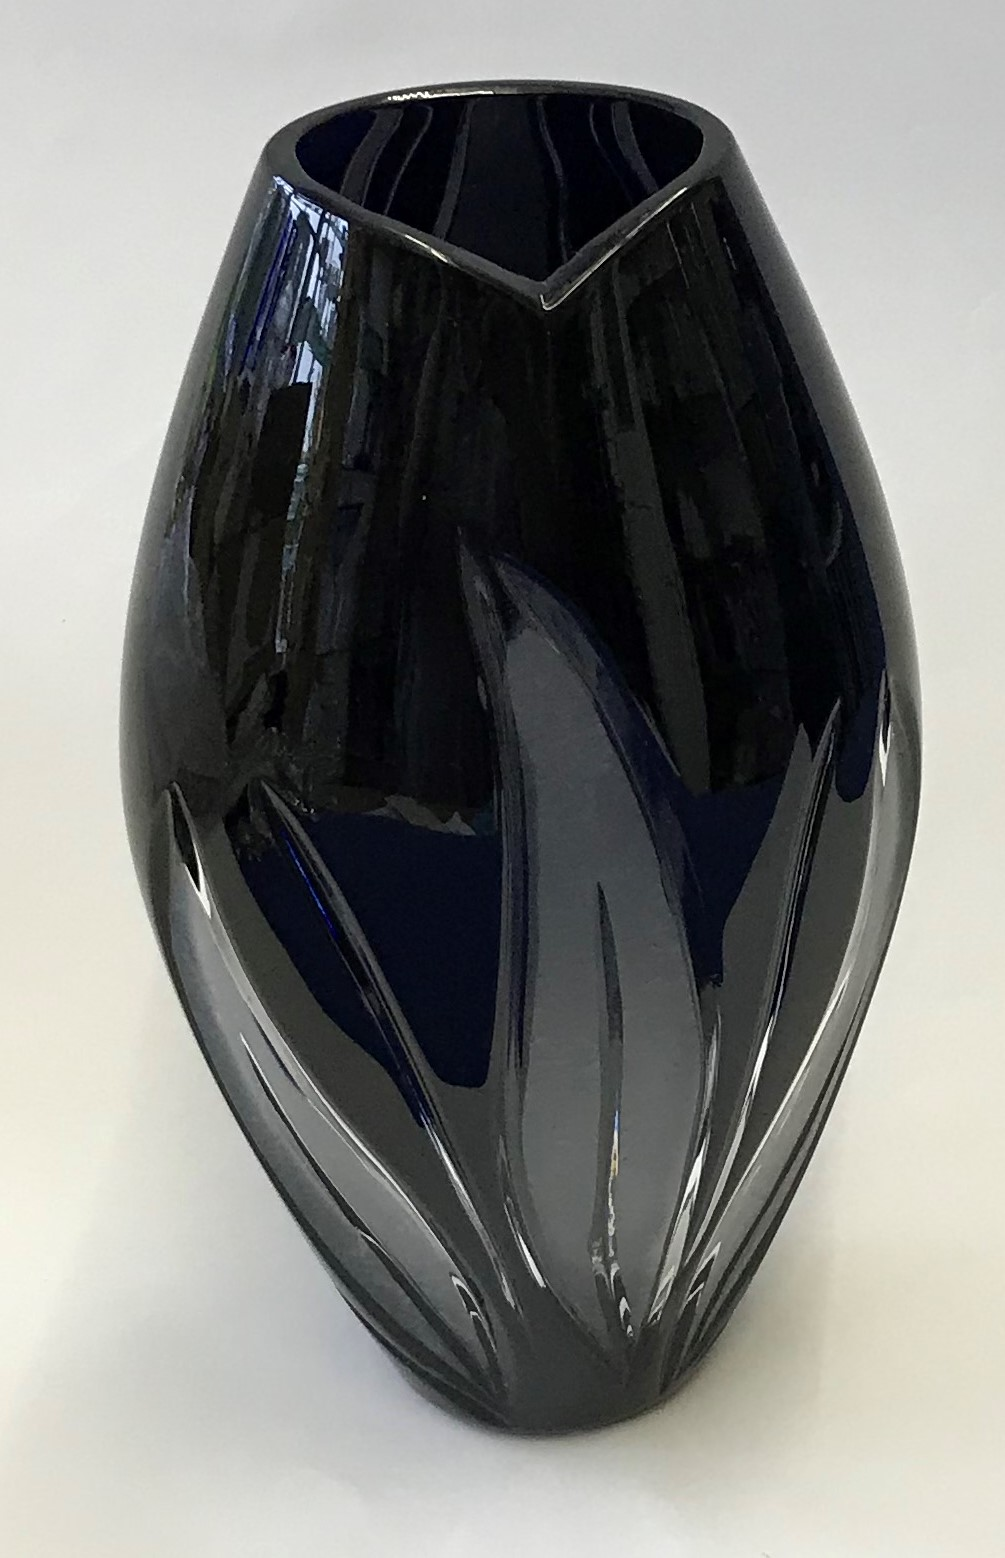 Bleikristall Unikate Einzelstücke